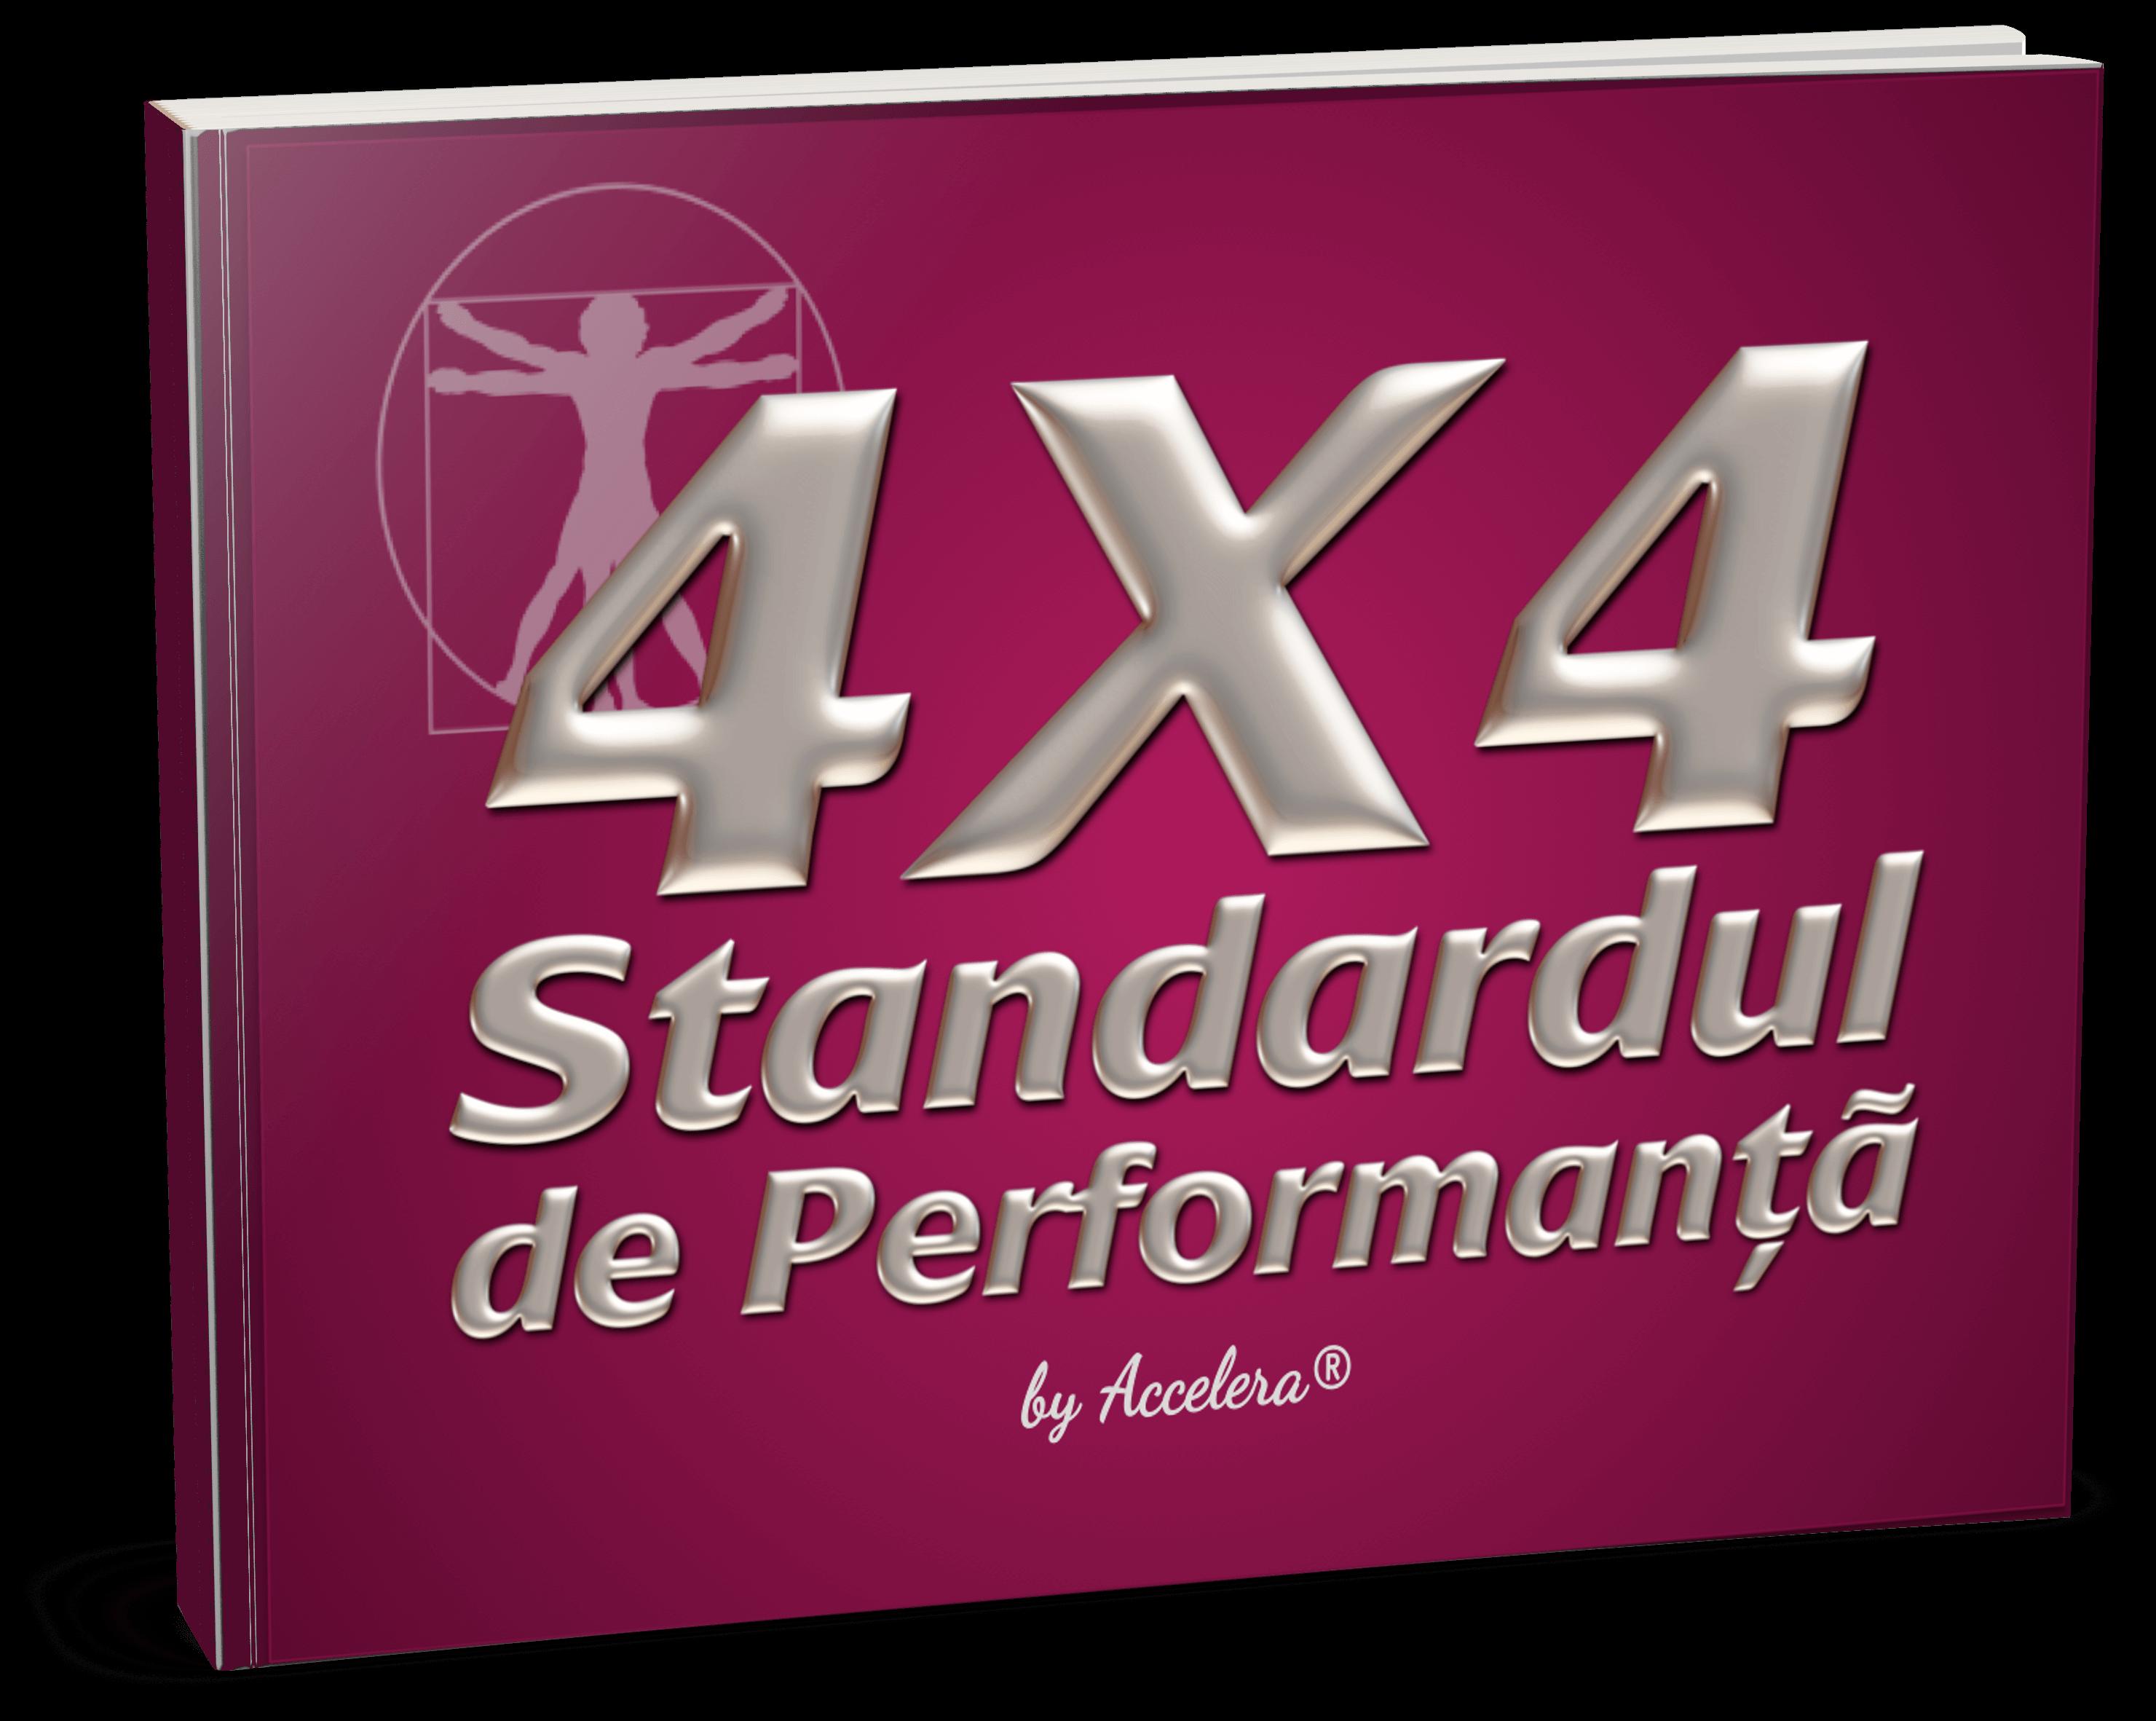 Standardul de performanta Accelera